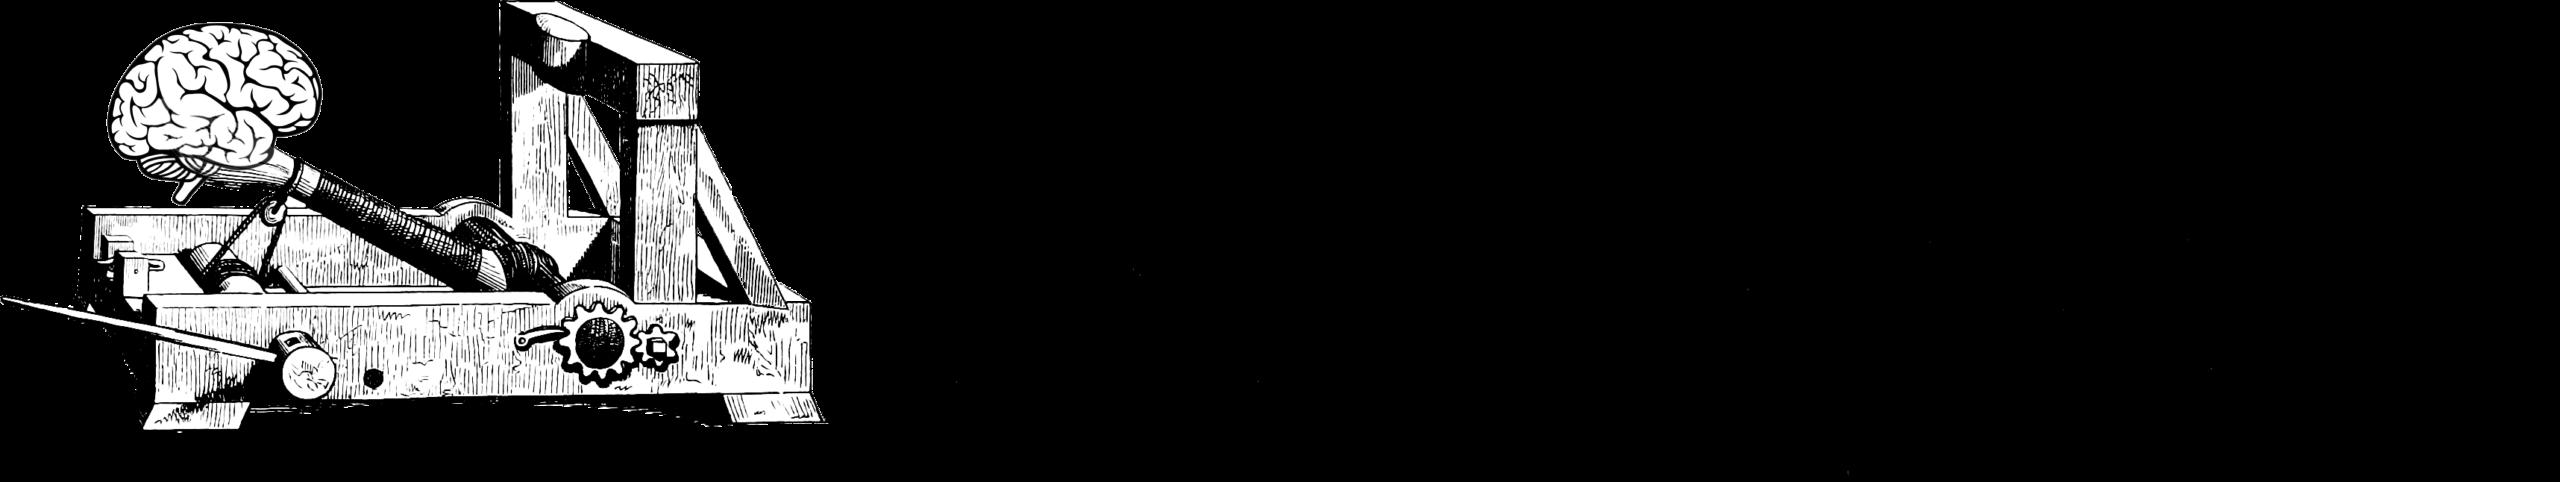 metapult logo